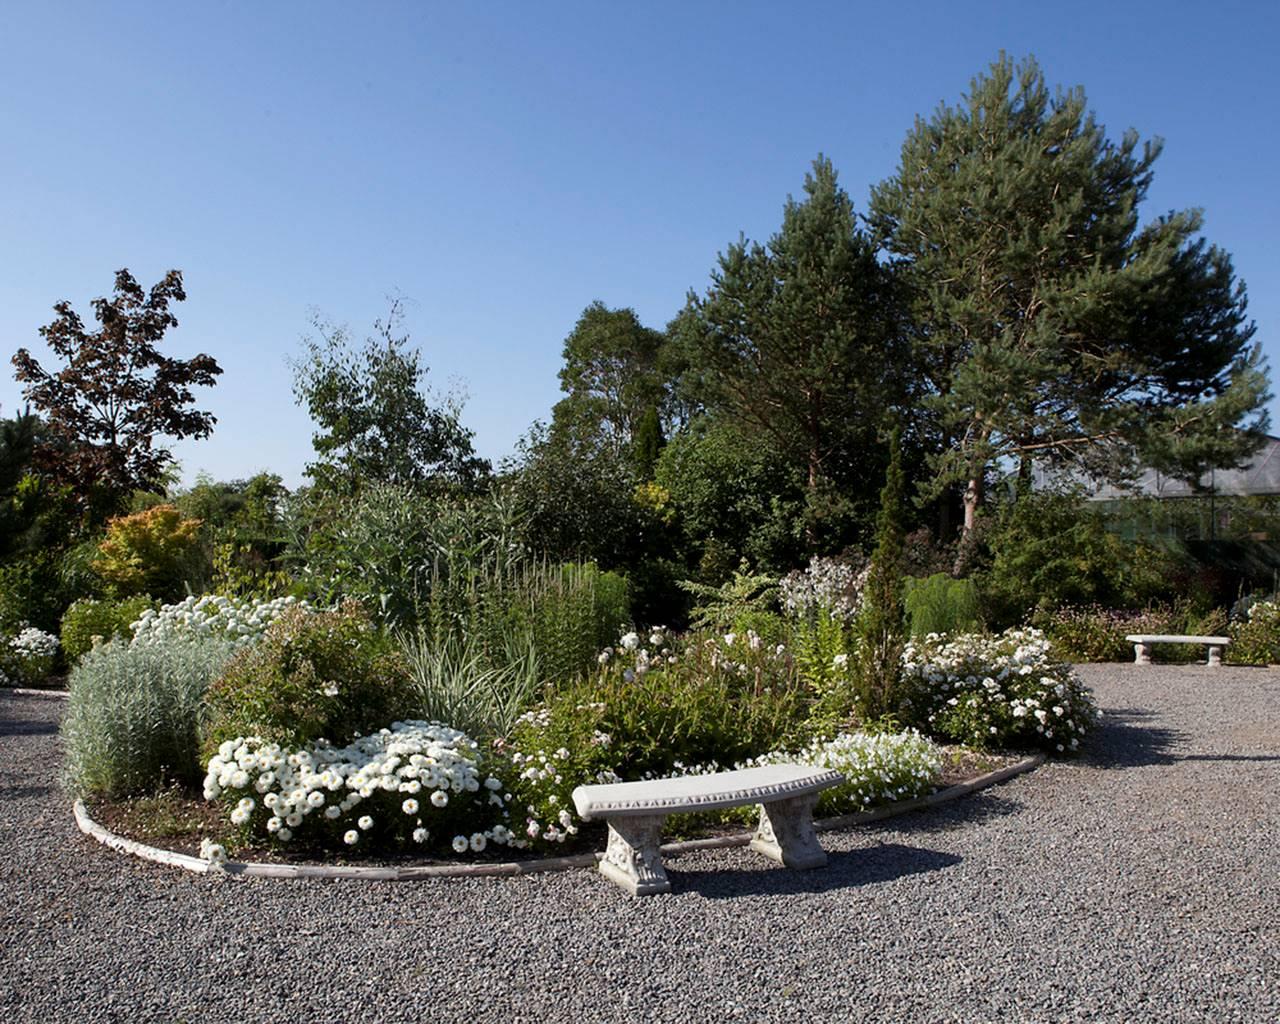 Garden Centre: Ratoath Garden Centre